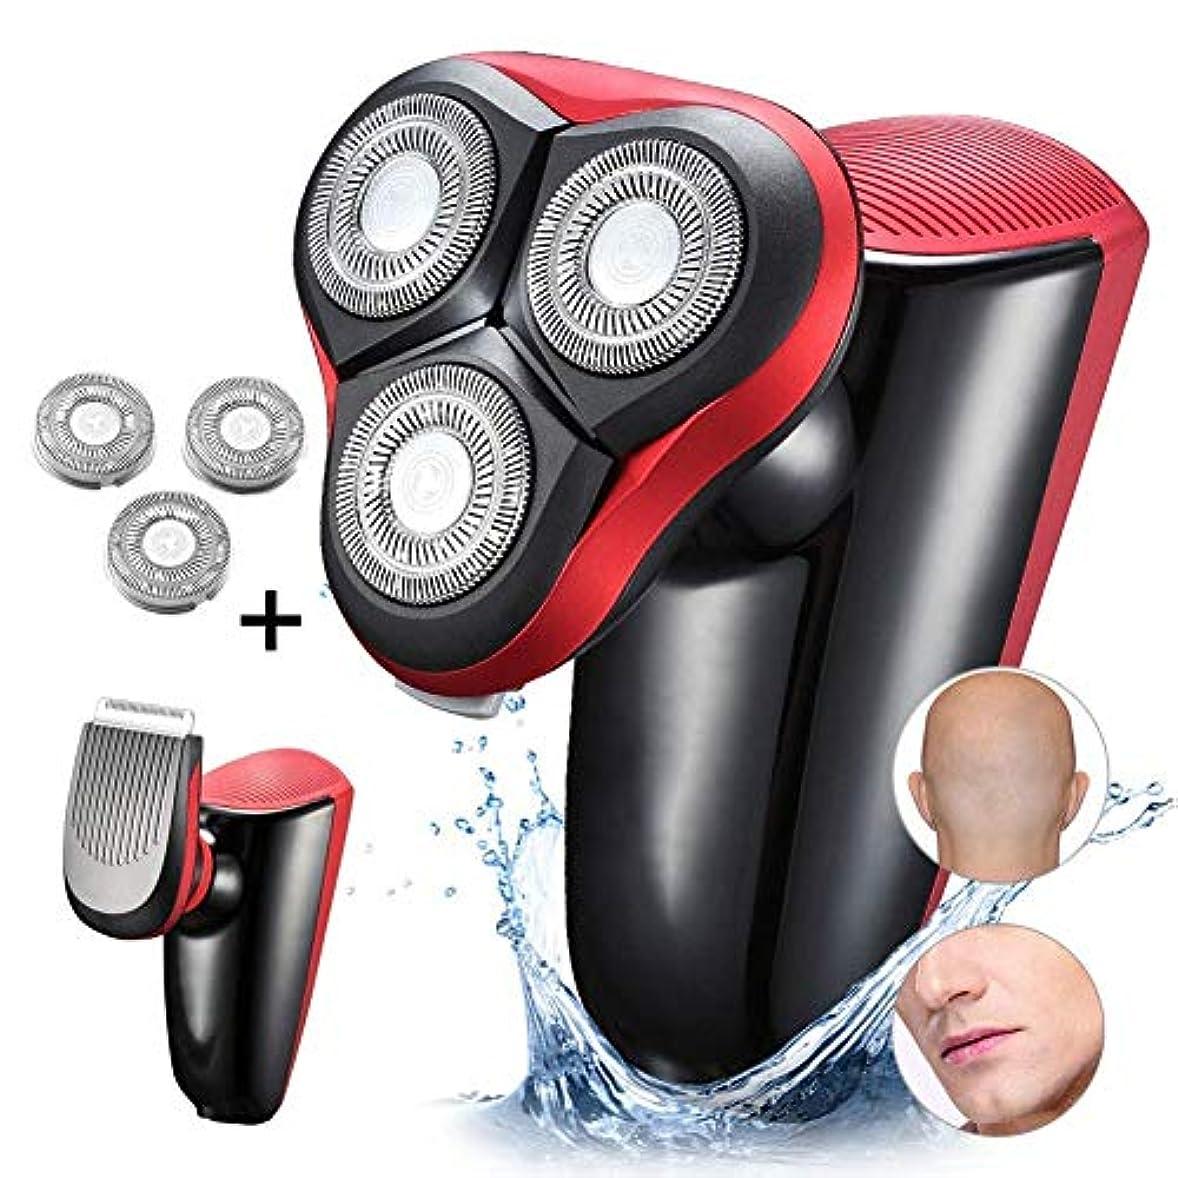 信号二度コンプライアンス男性のための電気シェーバーカミソリ簡単なヘッドシェーバーひげトリマーヘアクリッパーUSB充電式カミソリ3ブレードシェーバー洗えるシェービングマシン